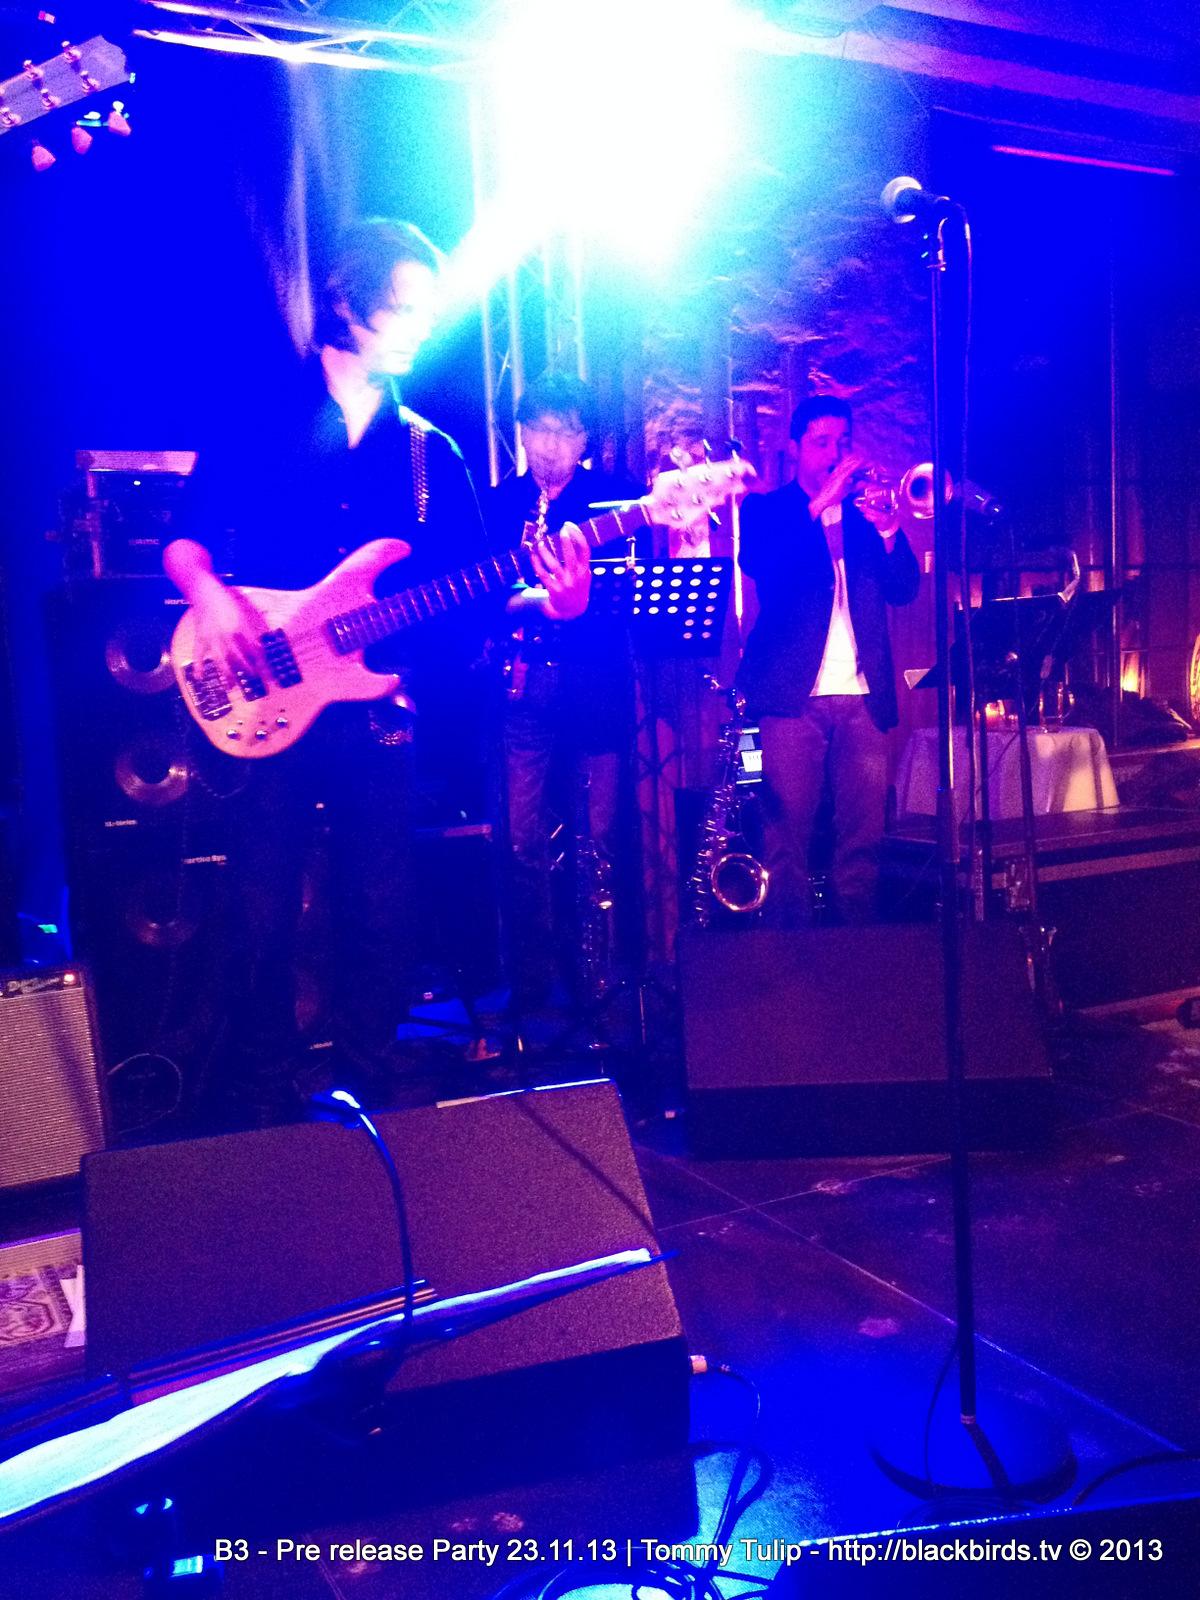 B3 - Pre Release Party 23.11.13 in Berlin-Moabeat